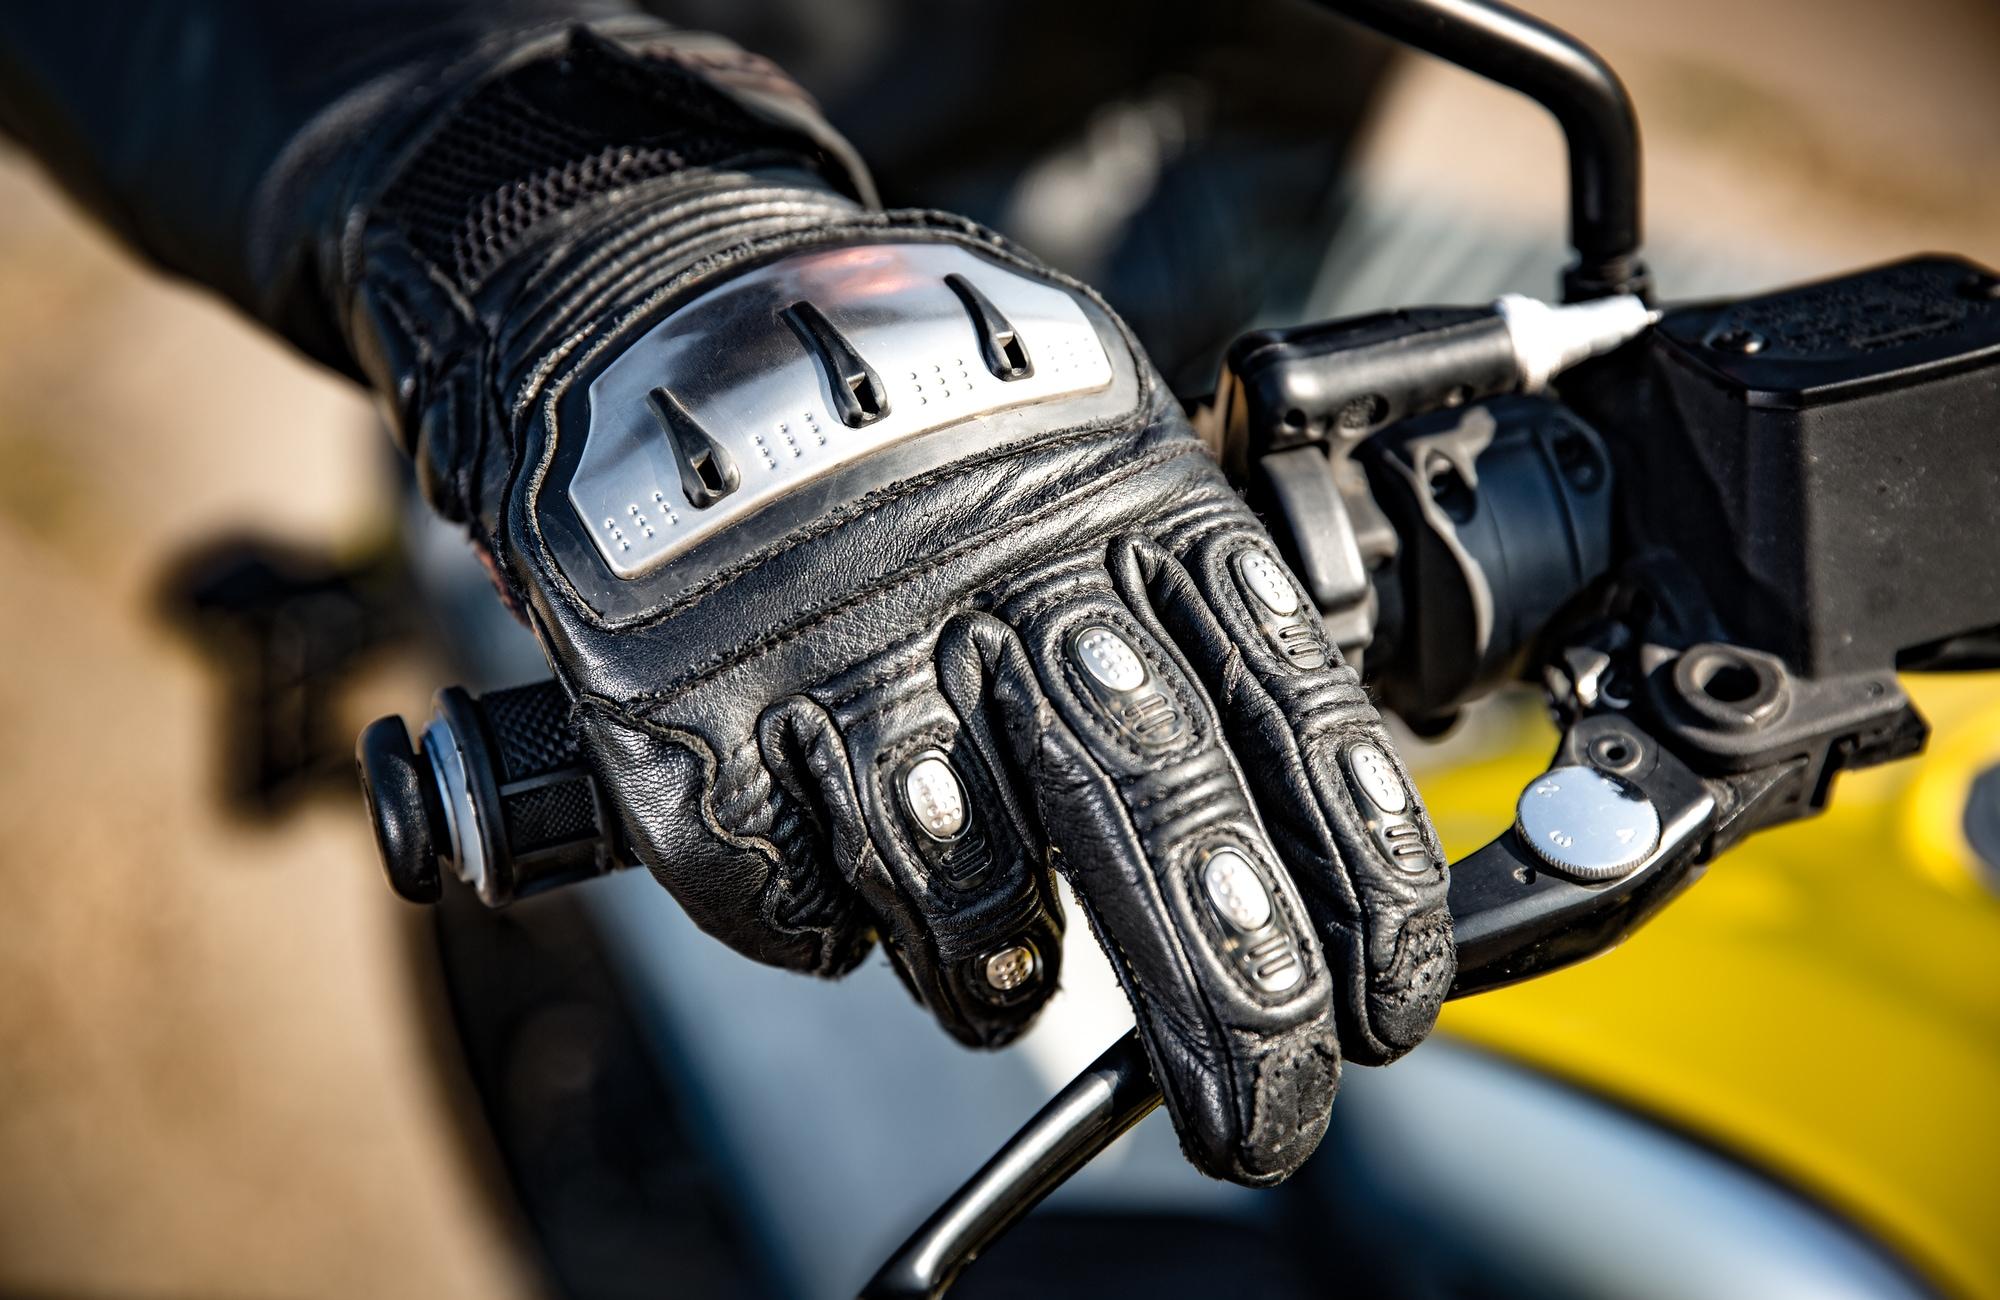 大切な手をケガから守るために!バイクグローブに必須な安全対策!